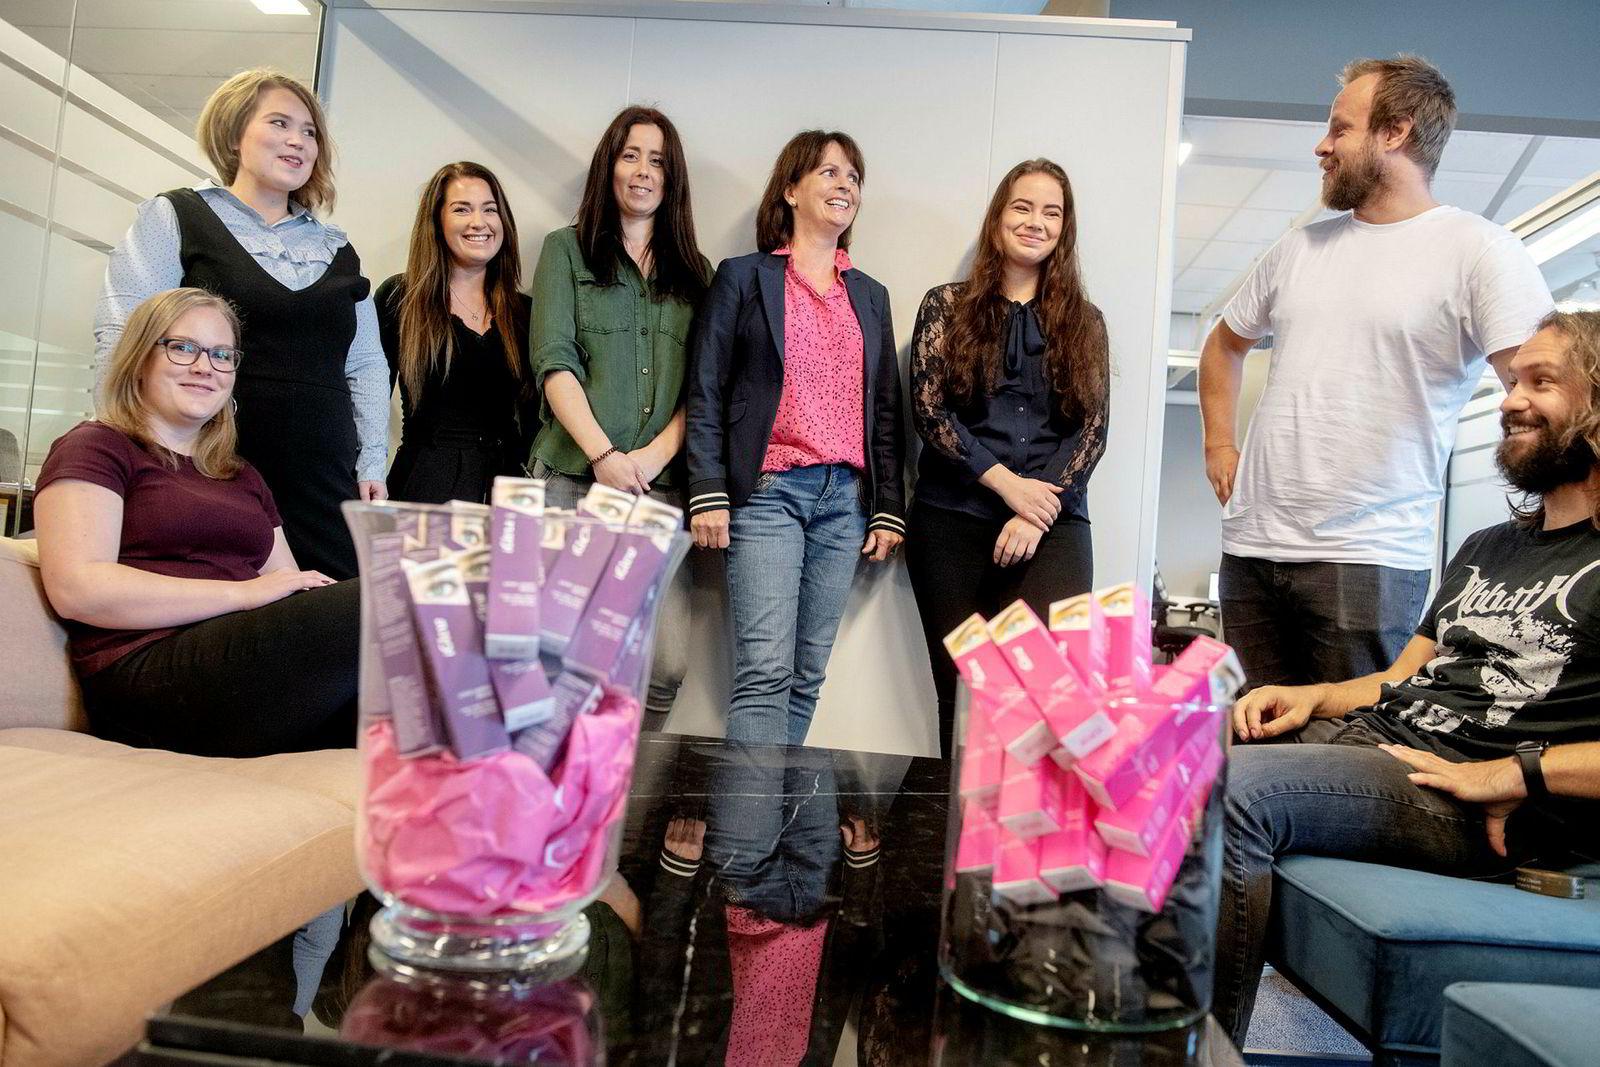 Iglow er blitt en suksessrik gründerbedrift med åtte ansatte. Fra venstre Lone H. L. Hoel, Hanne Carlsen, Renate Quam, Jenny Sæbø, Elin Reed Bratten, Iselin Isaksen, Geir Laland og Leiv-Arvid Reed Lunga.